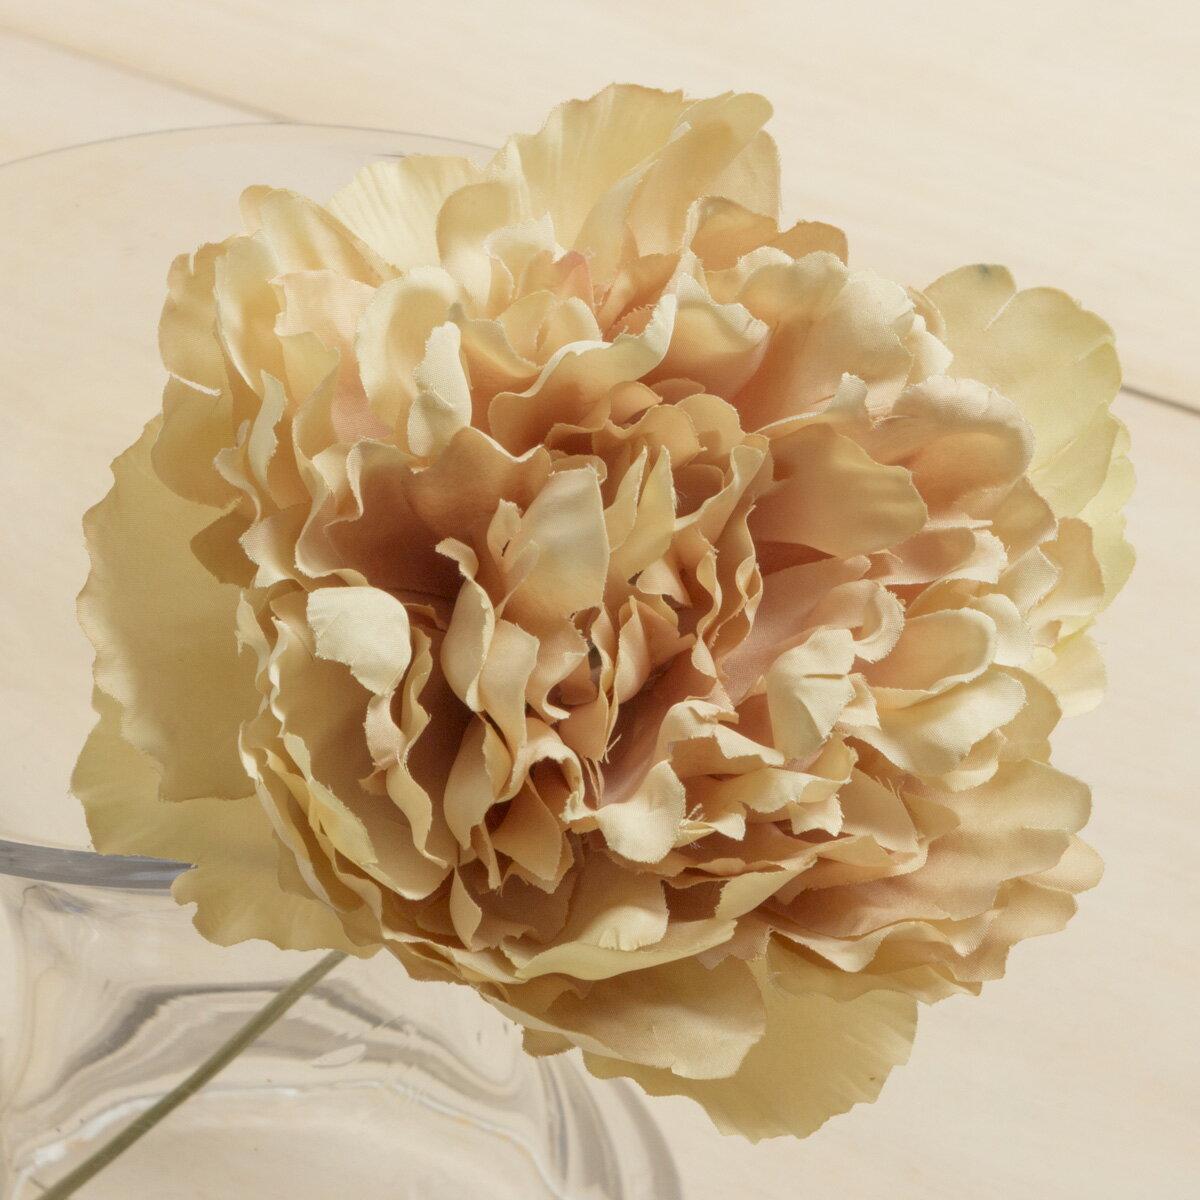 即日 【造花】YDM/ピオニーピック ベージュ/FA6755-BE《 造花(アーティフィシャルフラワー) 造花 花材「さ行」 シャクヤク(芍薬)・ボタン(牡丹)・ピオニー 》